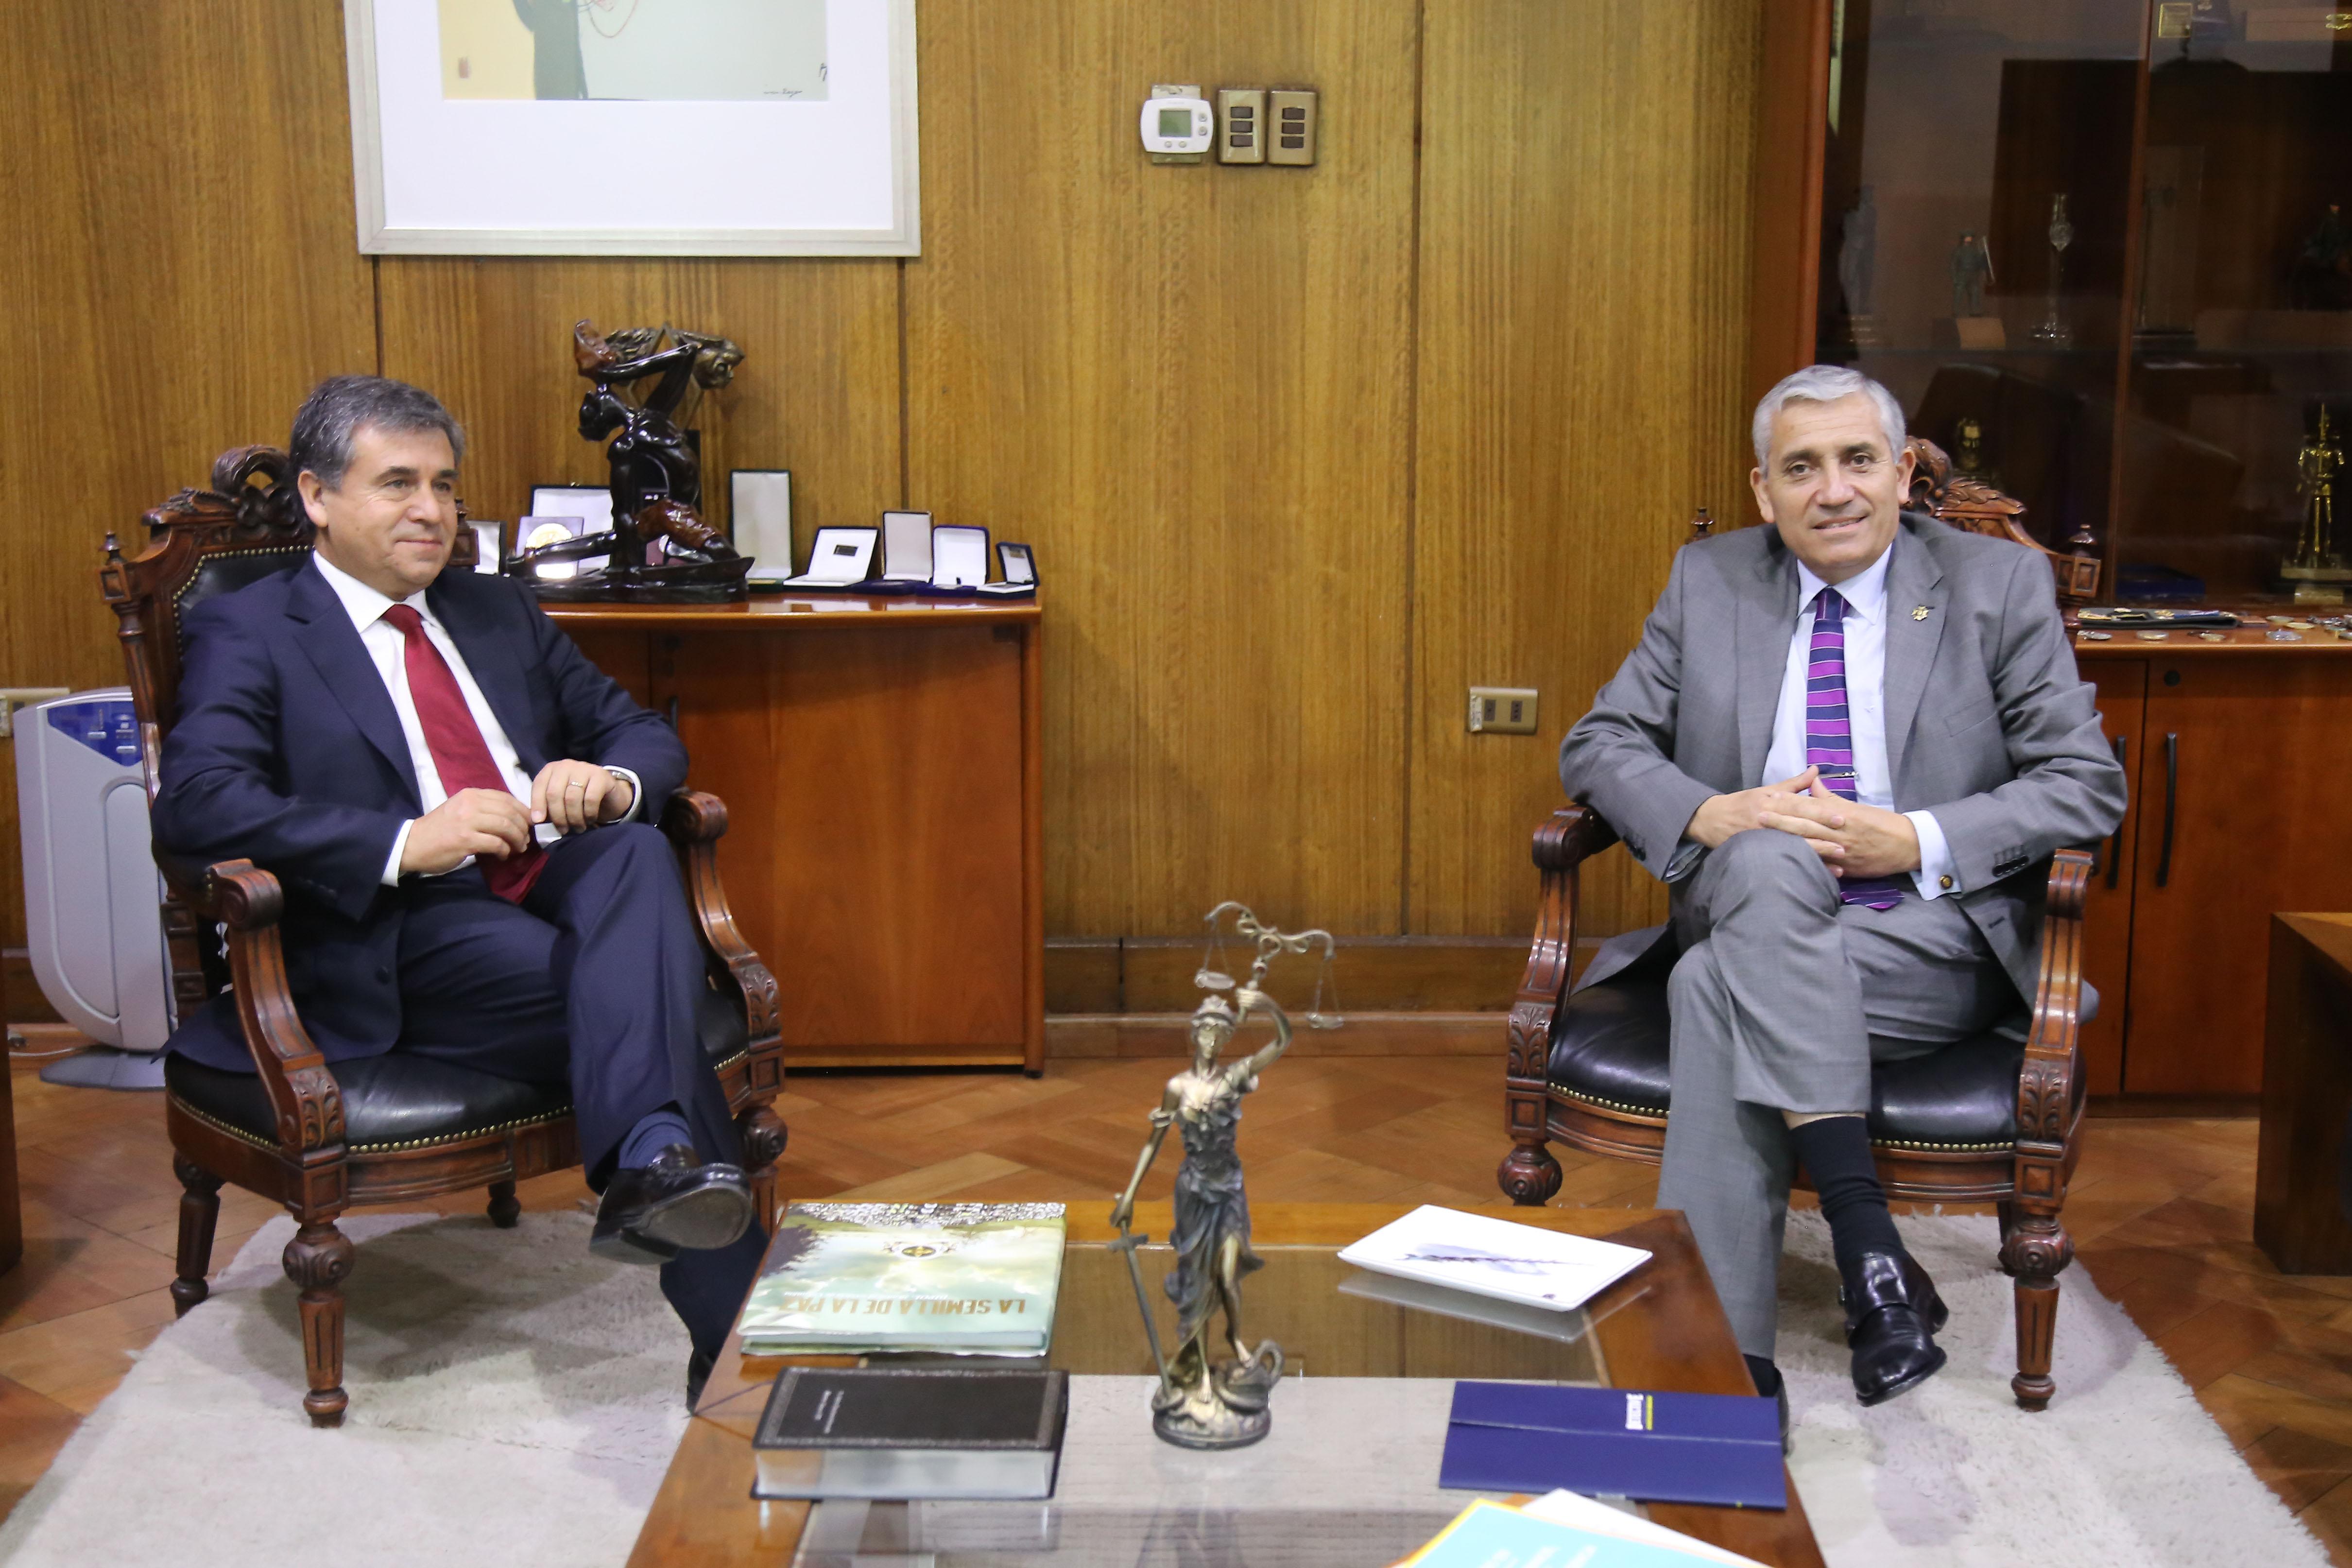 Diputado Gutiérrez solicita a director general de la PDI mayor dotación para Linares